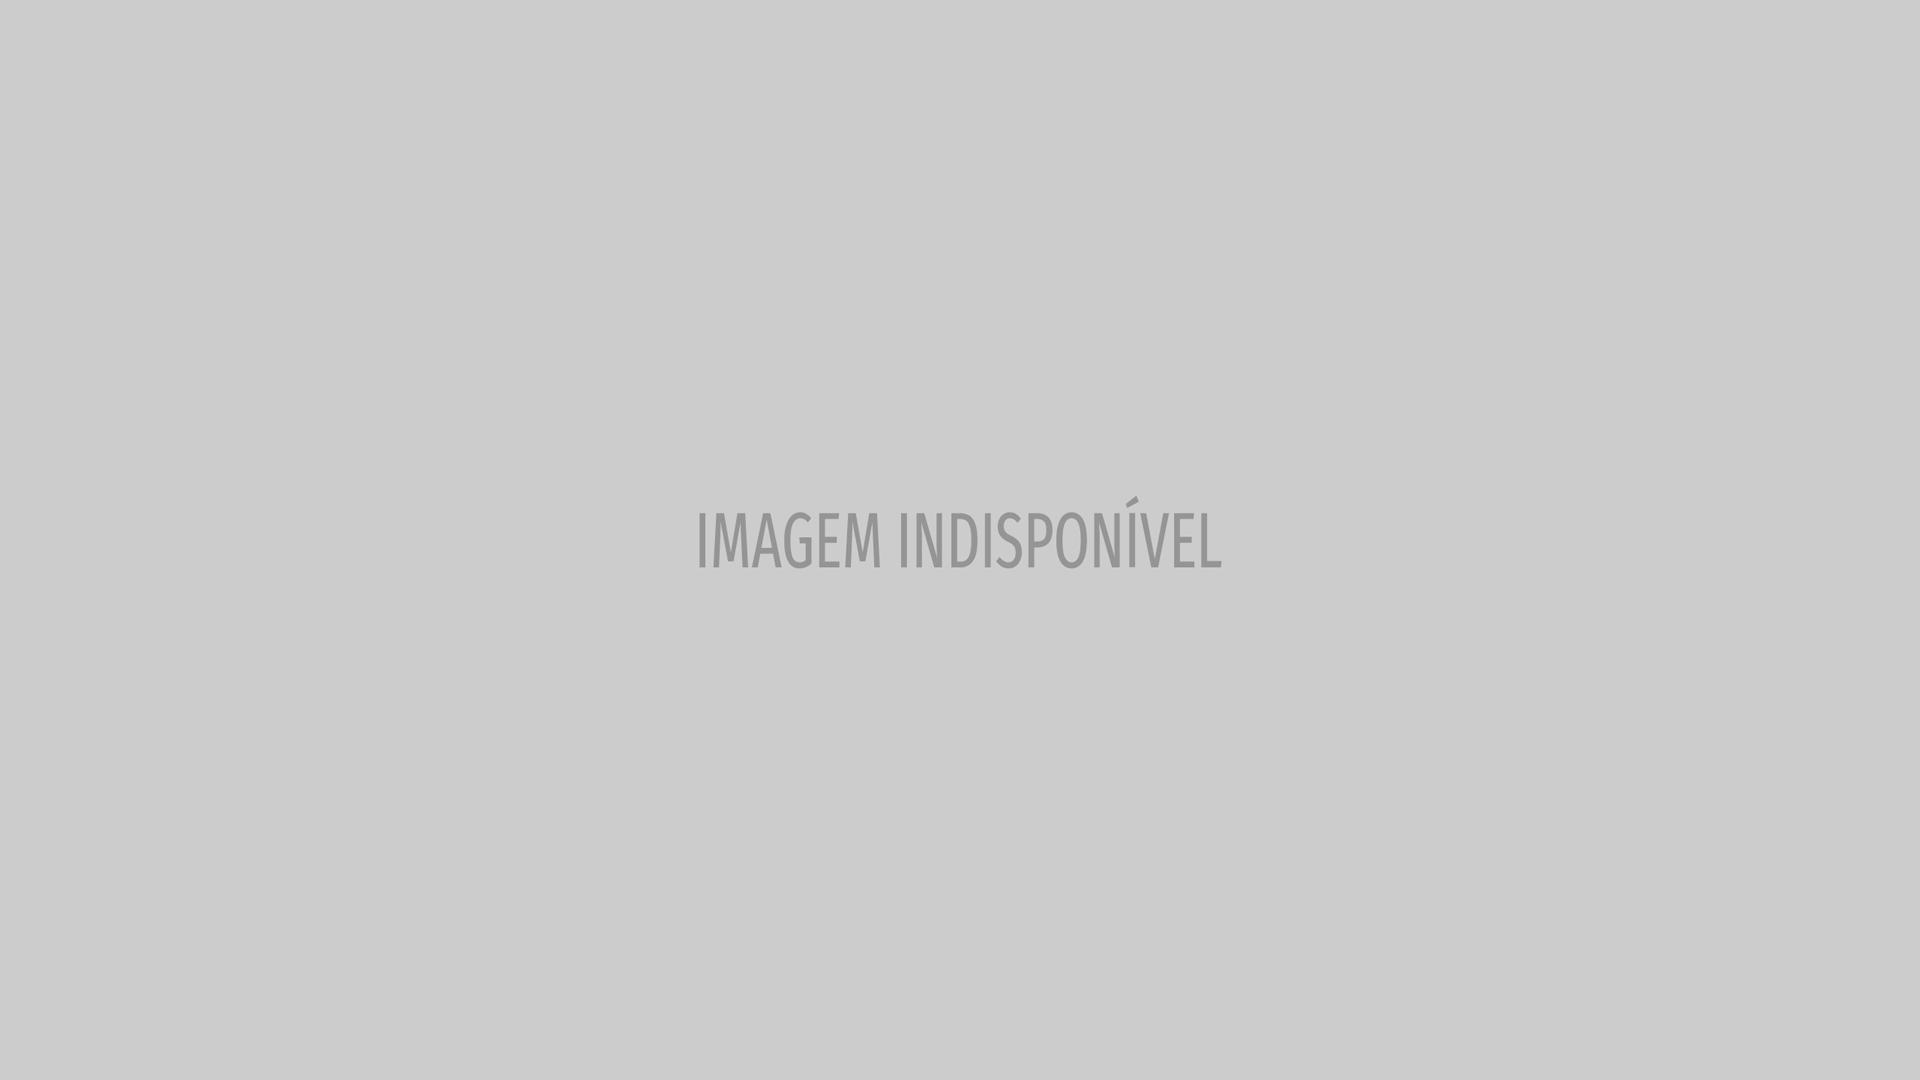 Caos e alegria separados por um vidro. A imagem viral captada em Paris